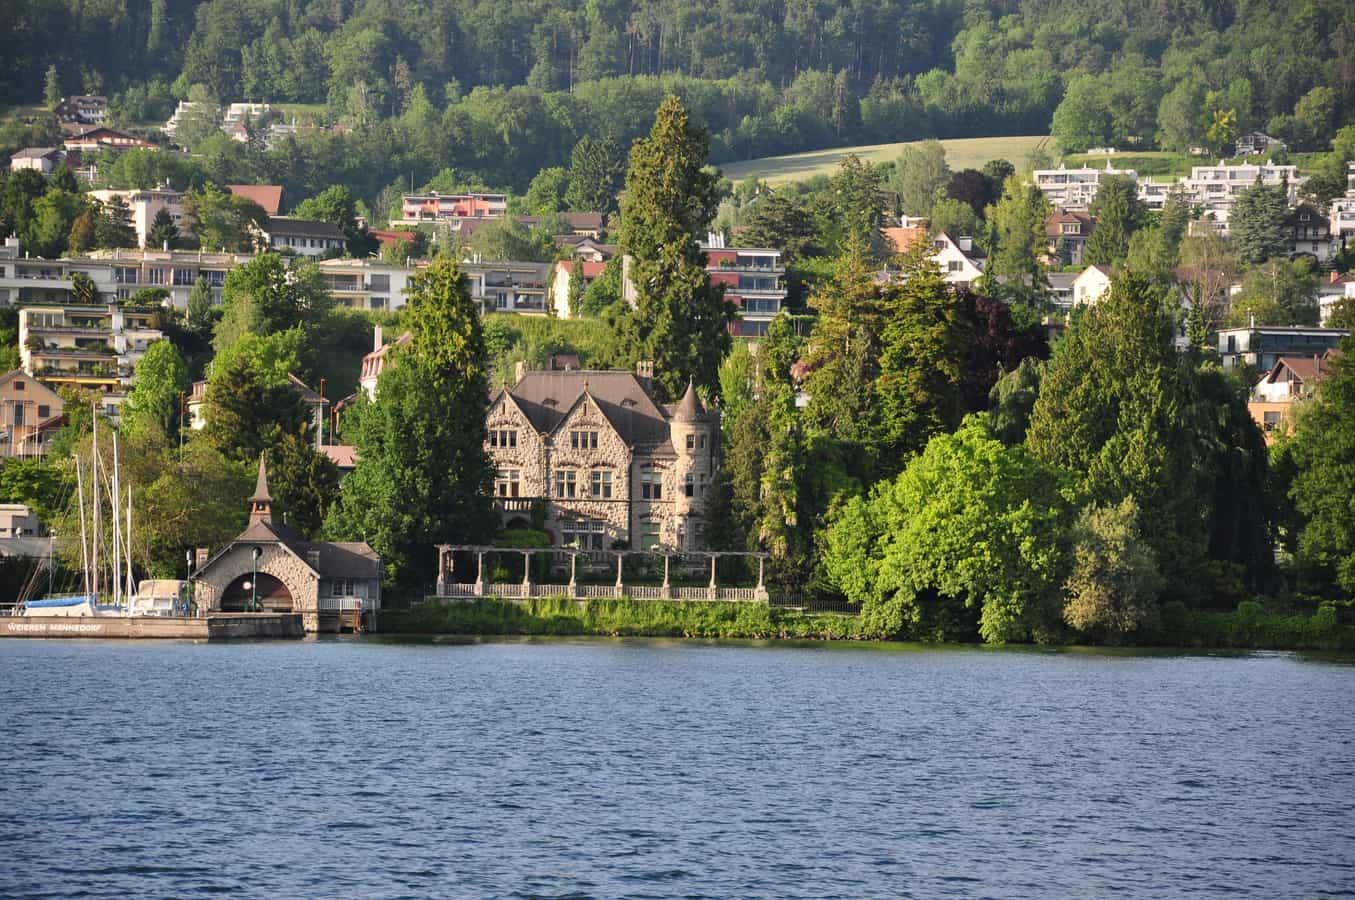 Die Villa Alma mit Bootshaus und Park, ursprünglich für die Fabrikanten der Gerberei.